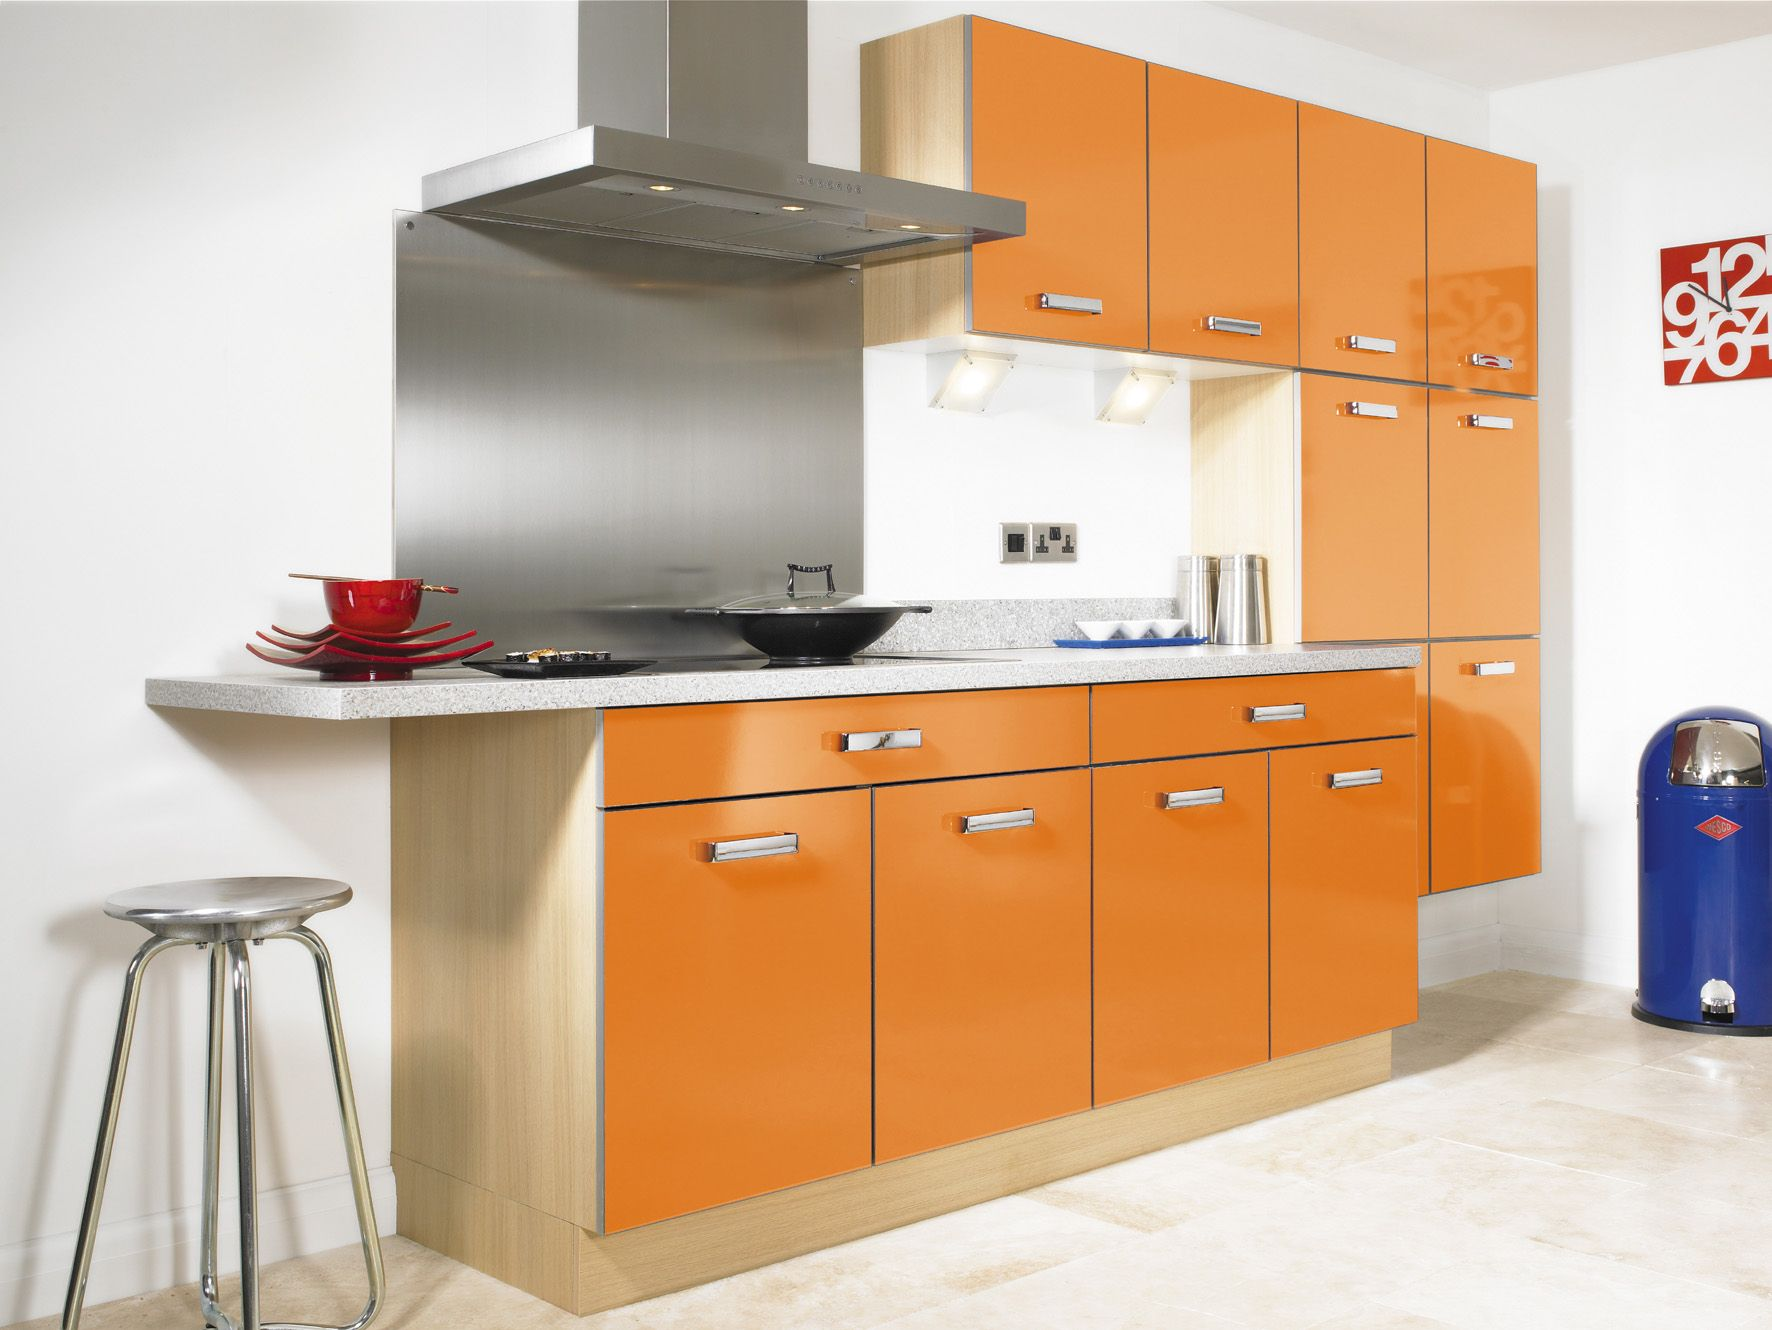 Küchenideen malen atemberaubende und kreative bunte küche design ideen badezimmer